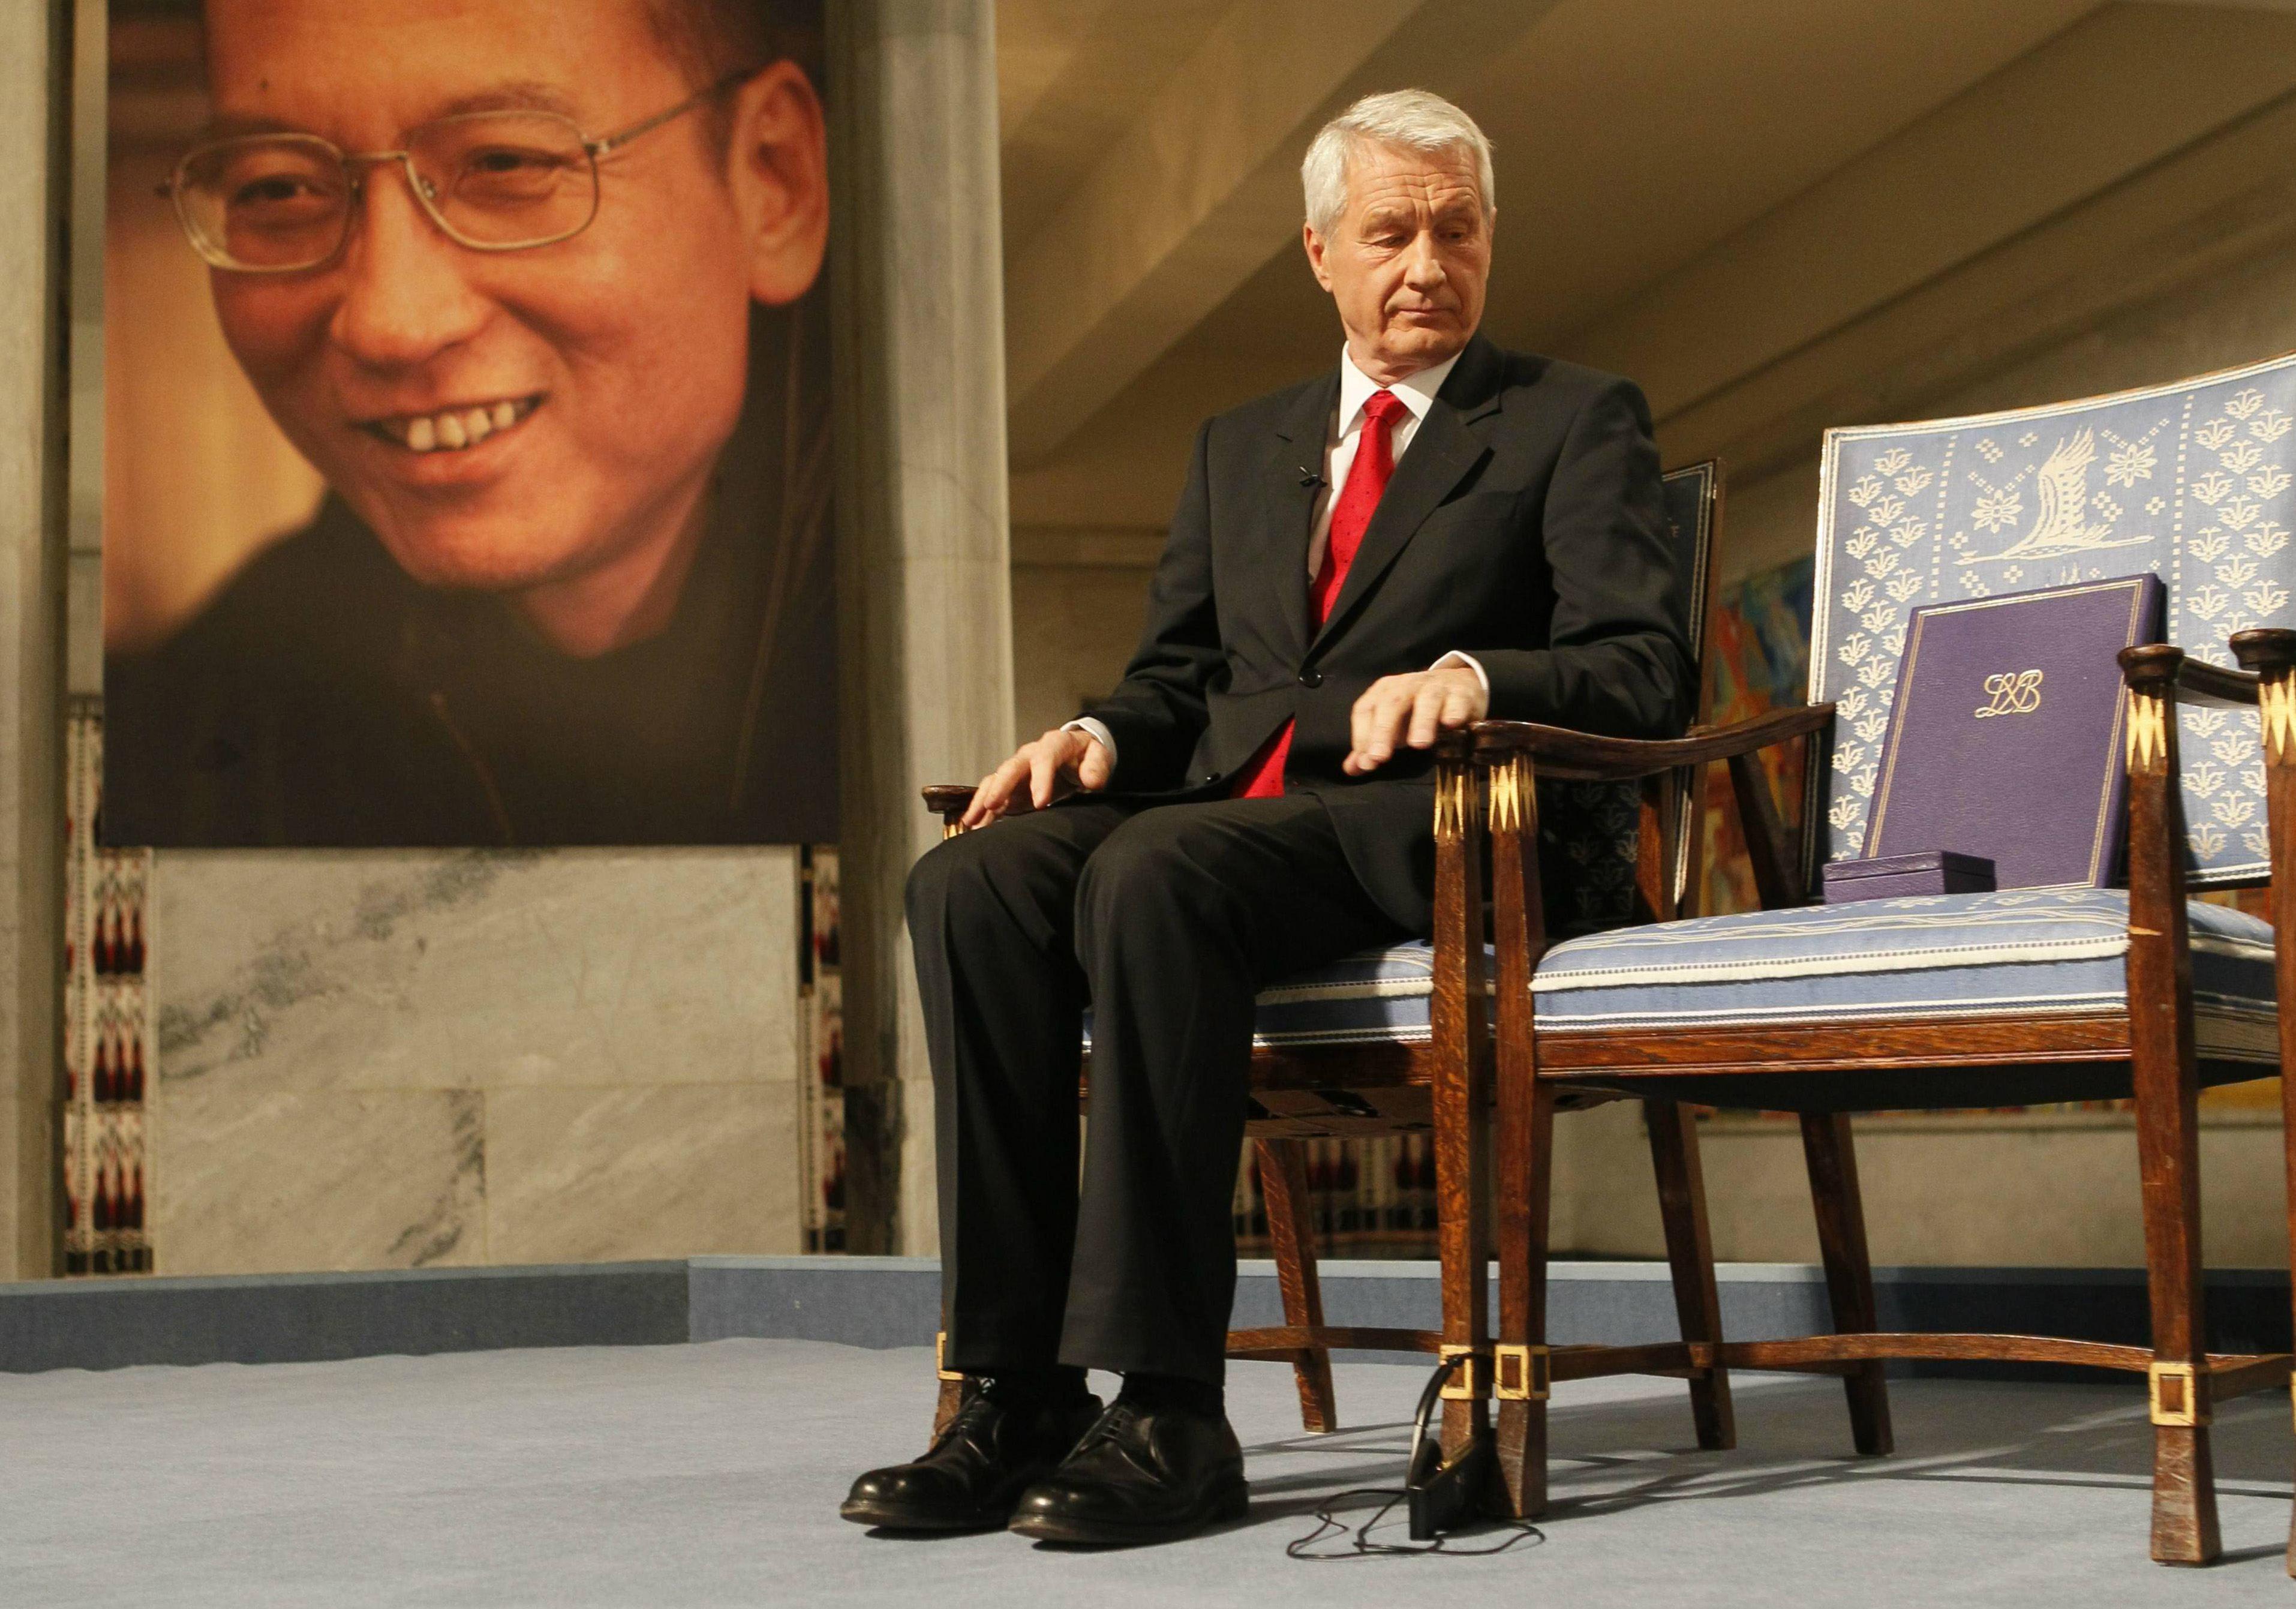 刘晓波失算:他的天真幼稚和预言落空